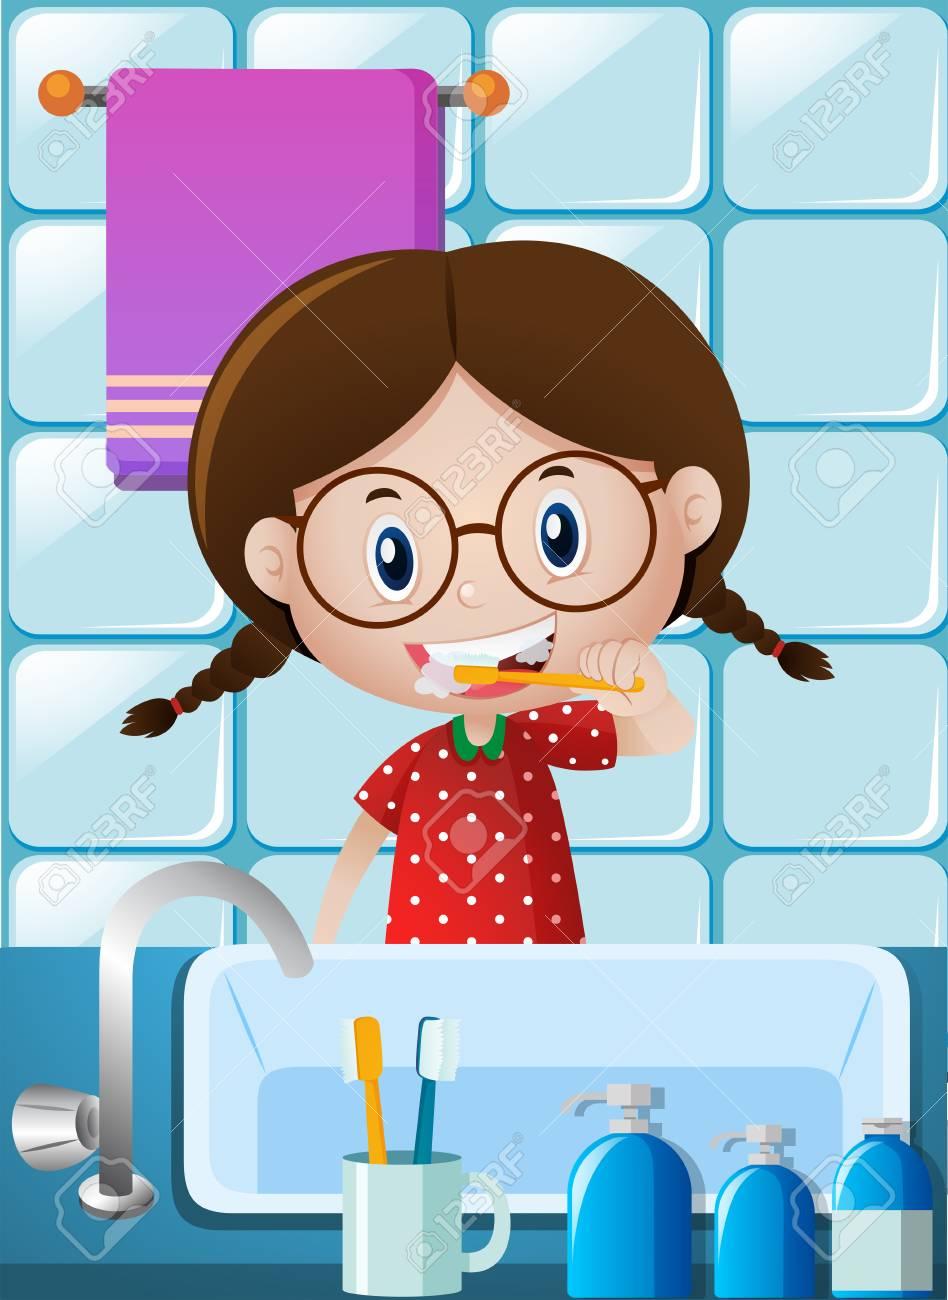 Kleines Mädchen Zähne putzen in Bad Illustration